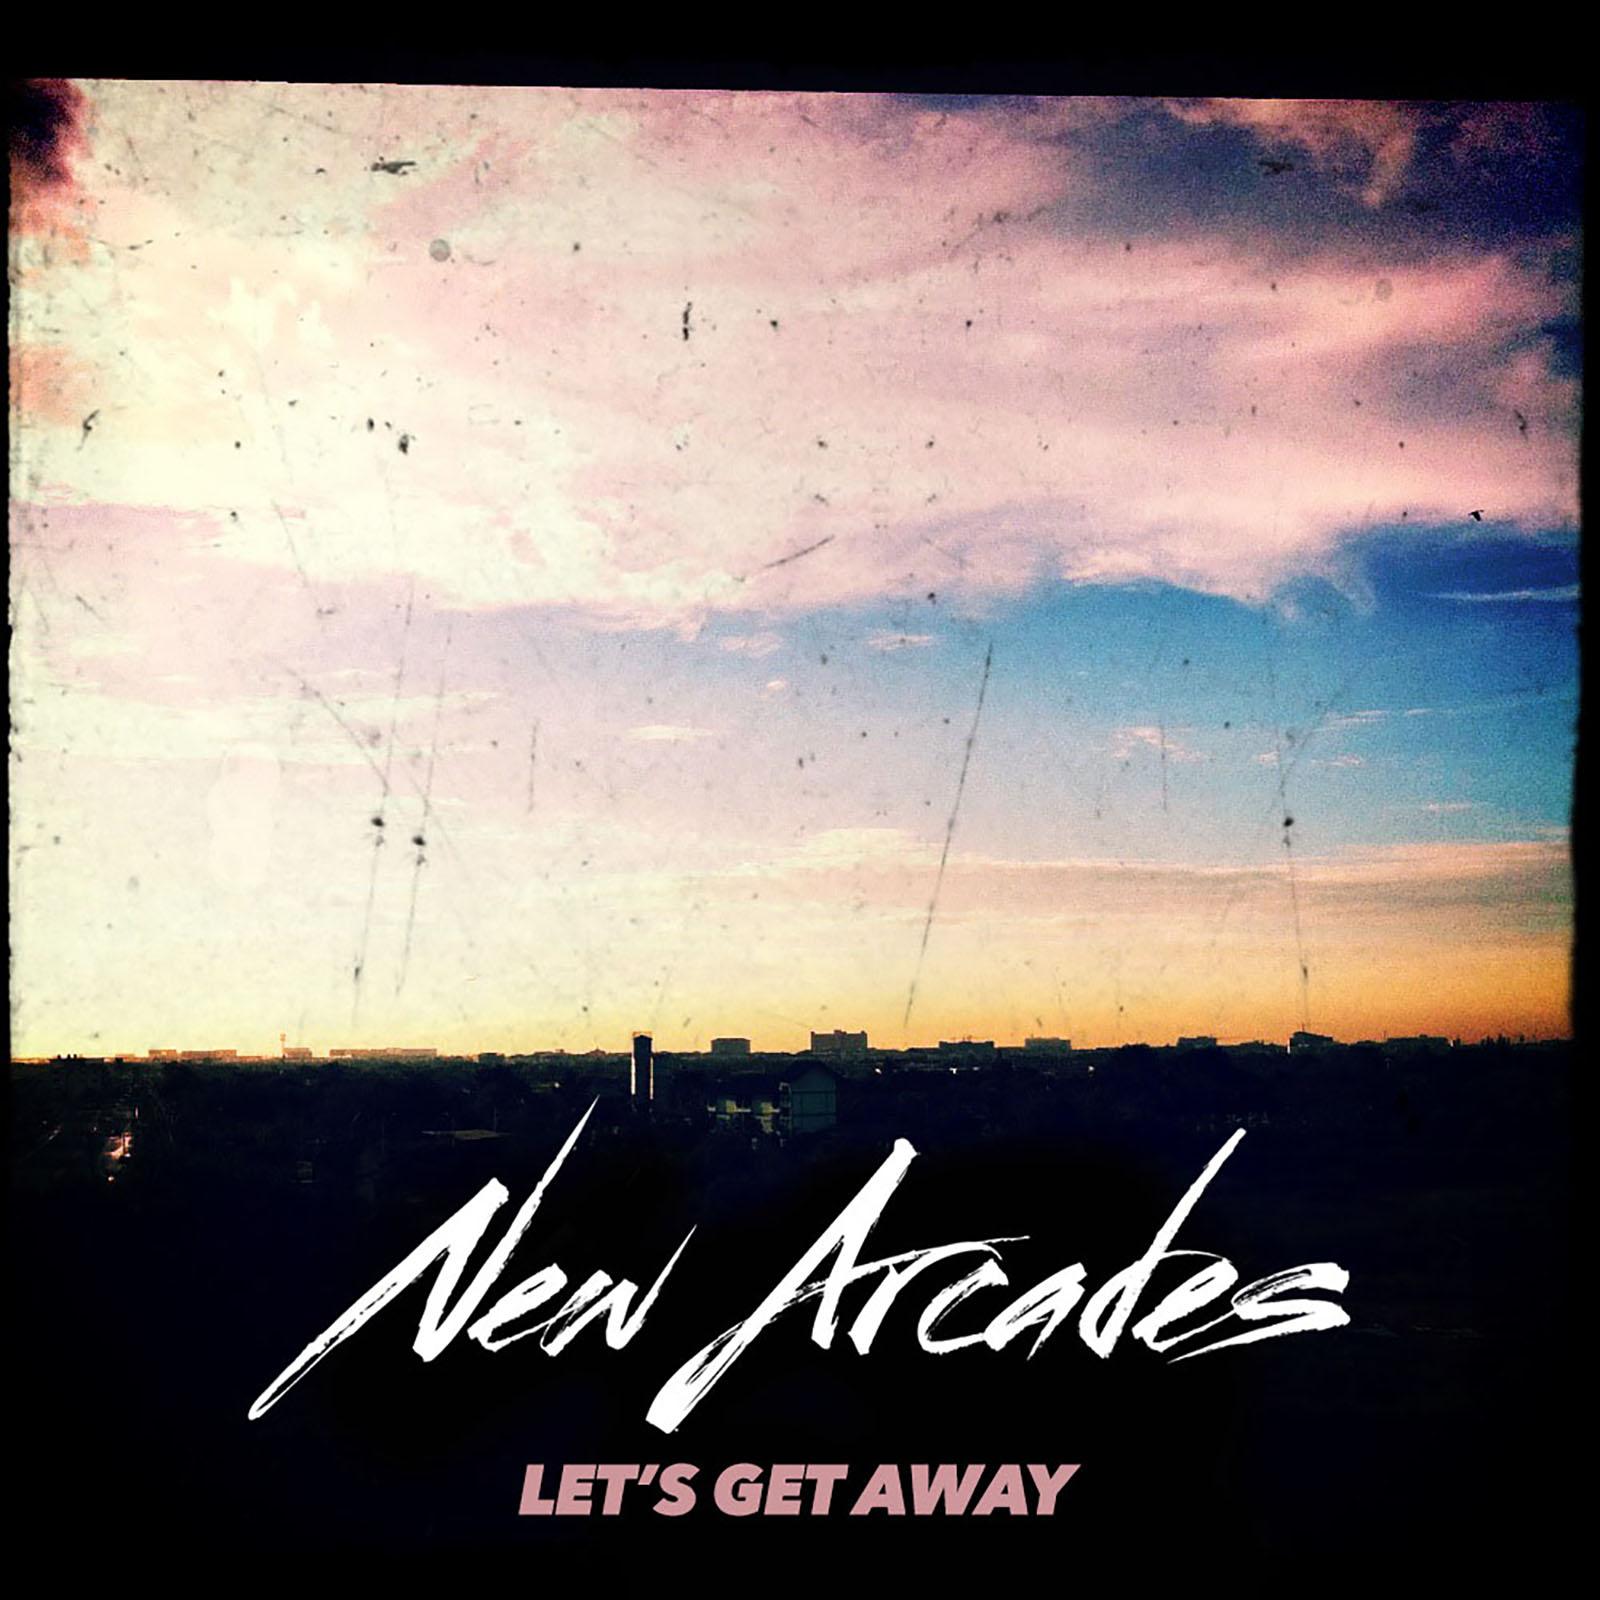 """New Arcades – """"Let's Get Away"""""""